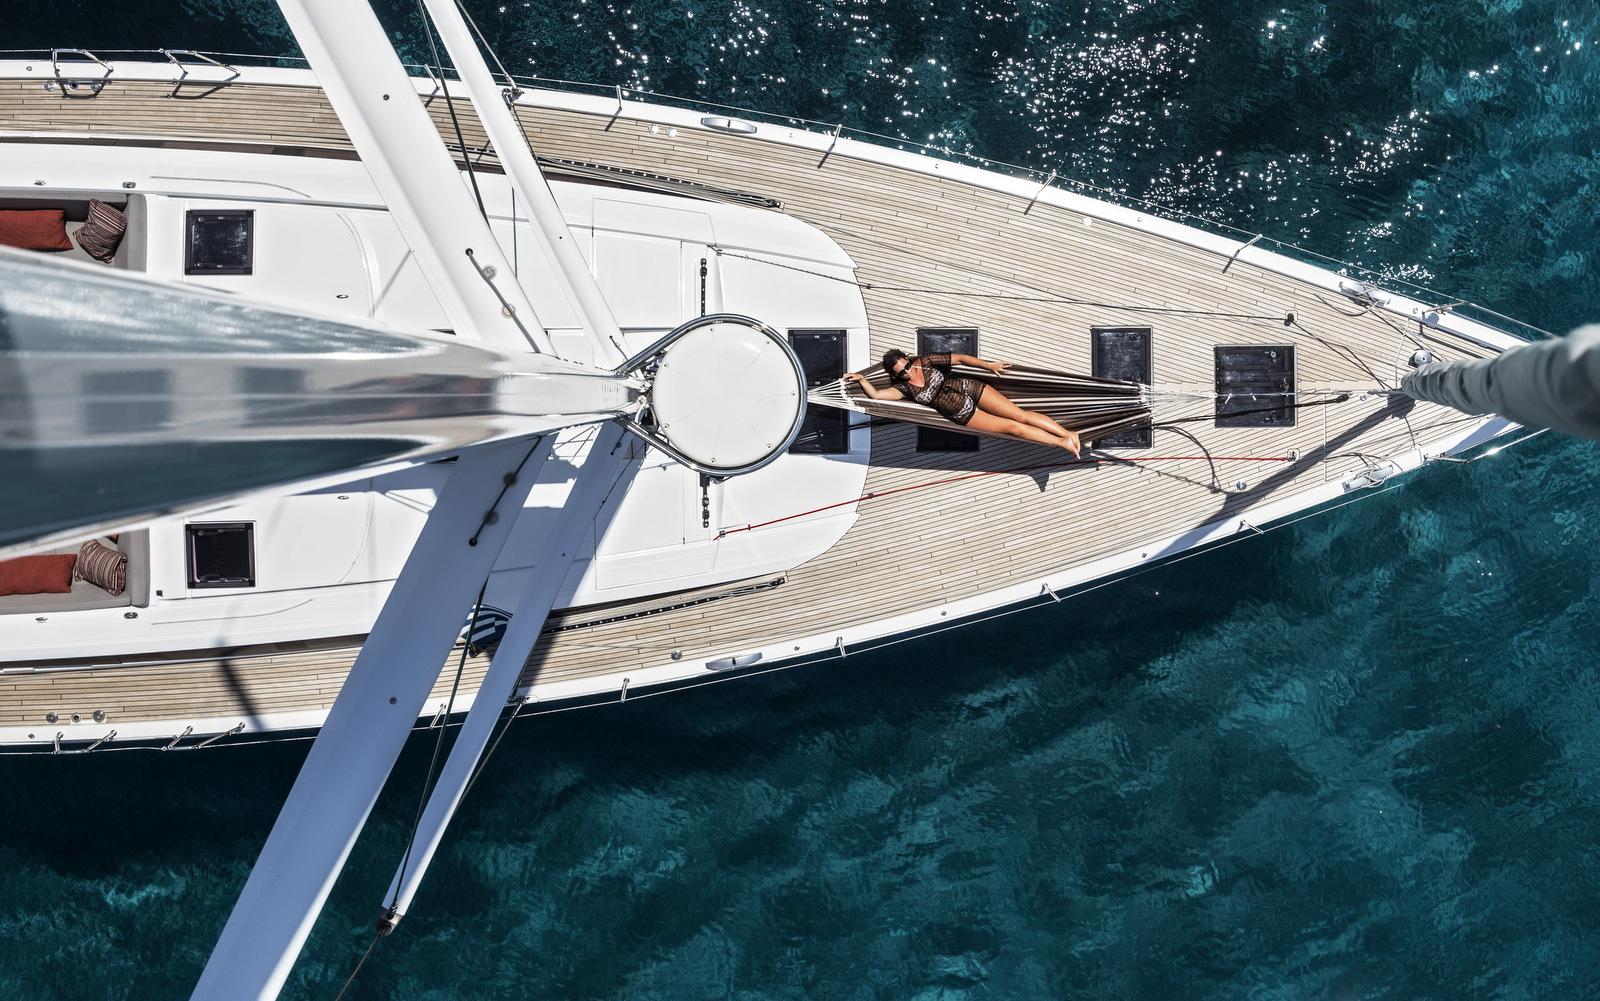 Super-yacht sailing holiday